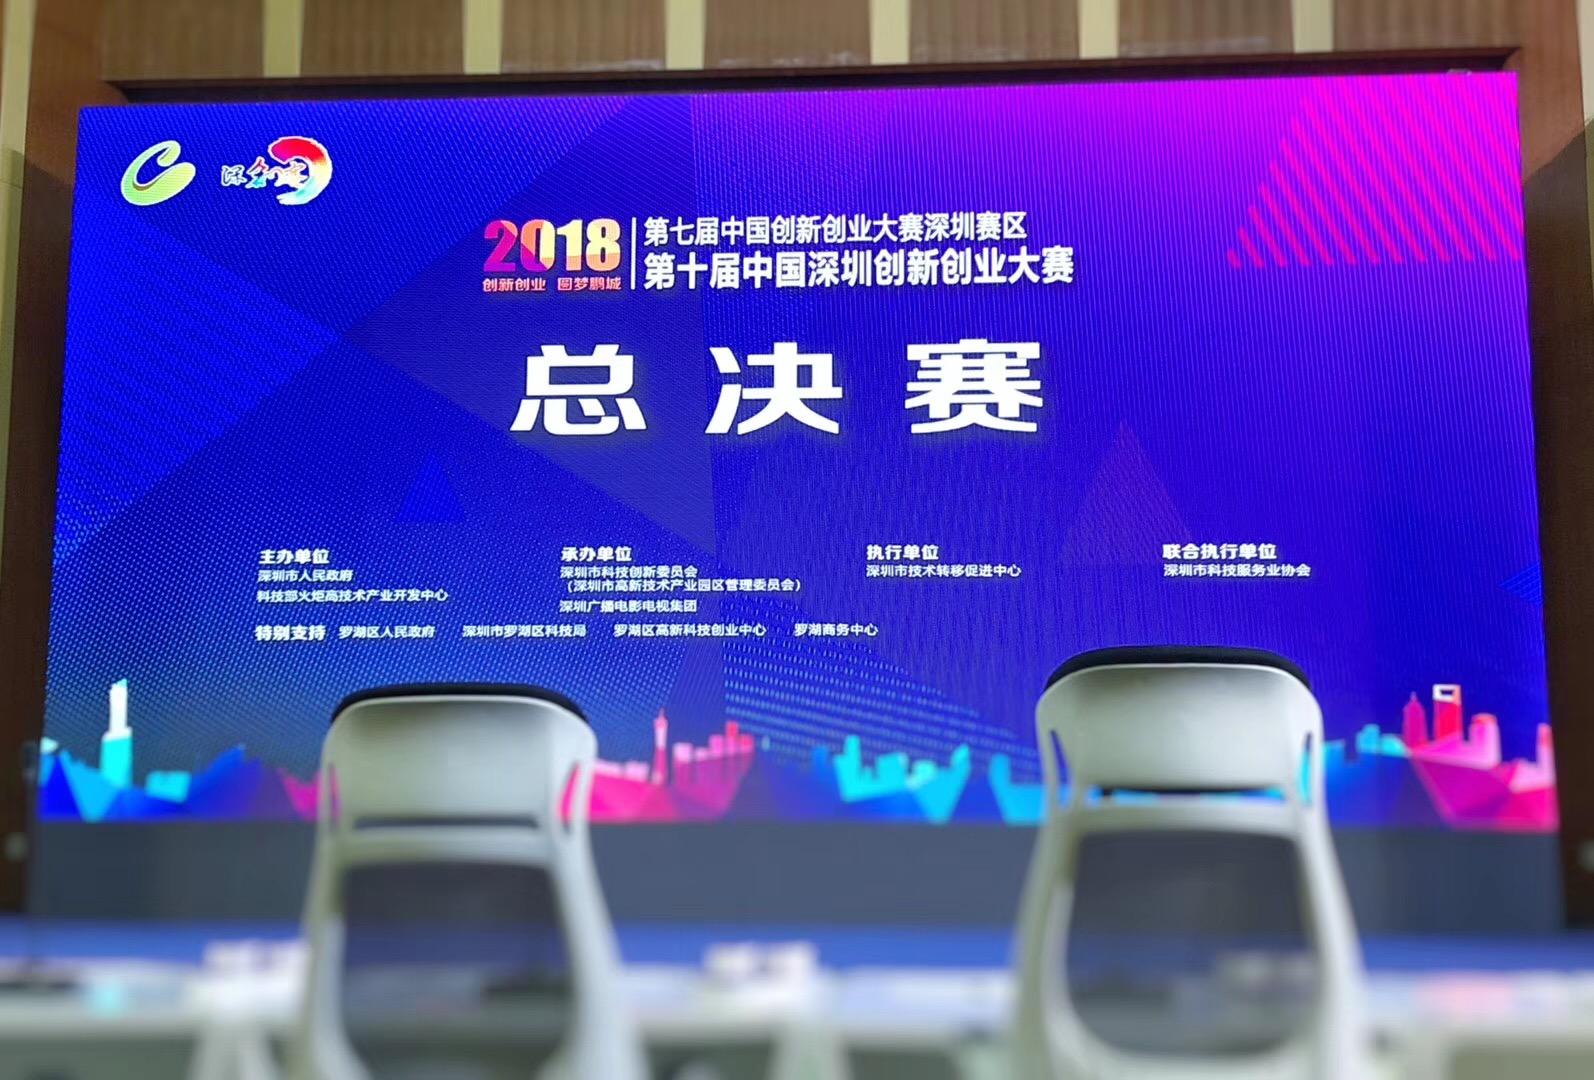 第十届中国深圳创新创业大赛总决赛完美落幕,敬请期待第四届中国硬件创新大赛全国总决赛开启!